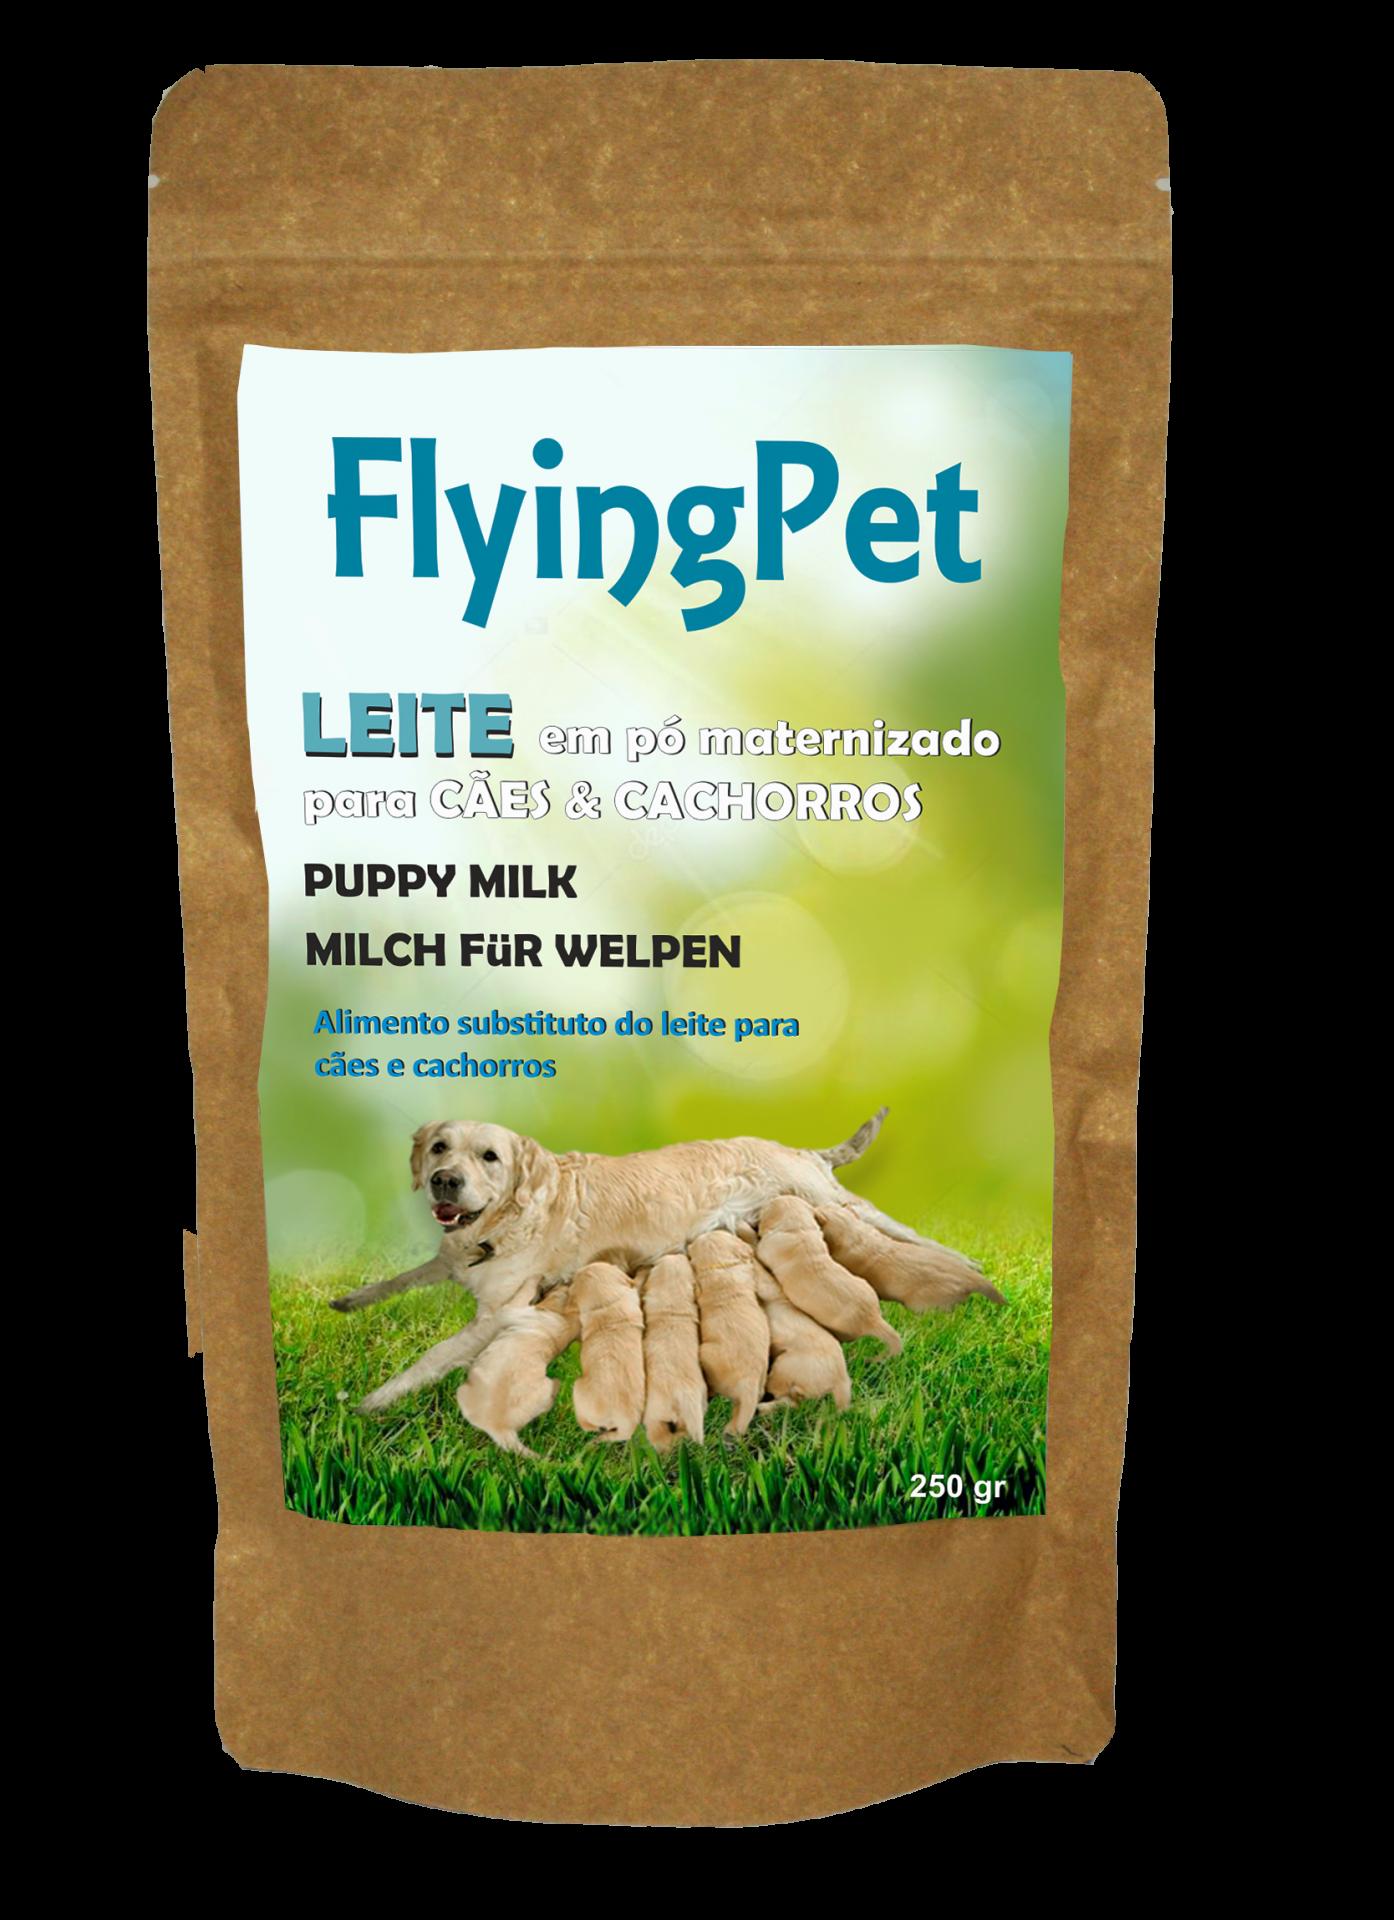 Puppy Milk - Leite maternizado para cachorros (250 g)